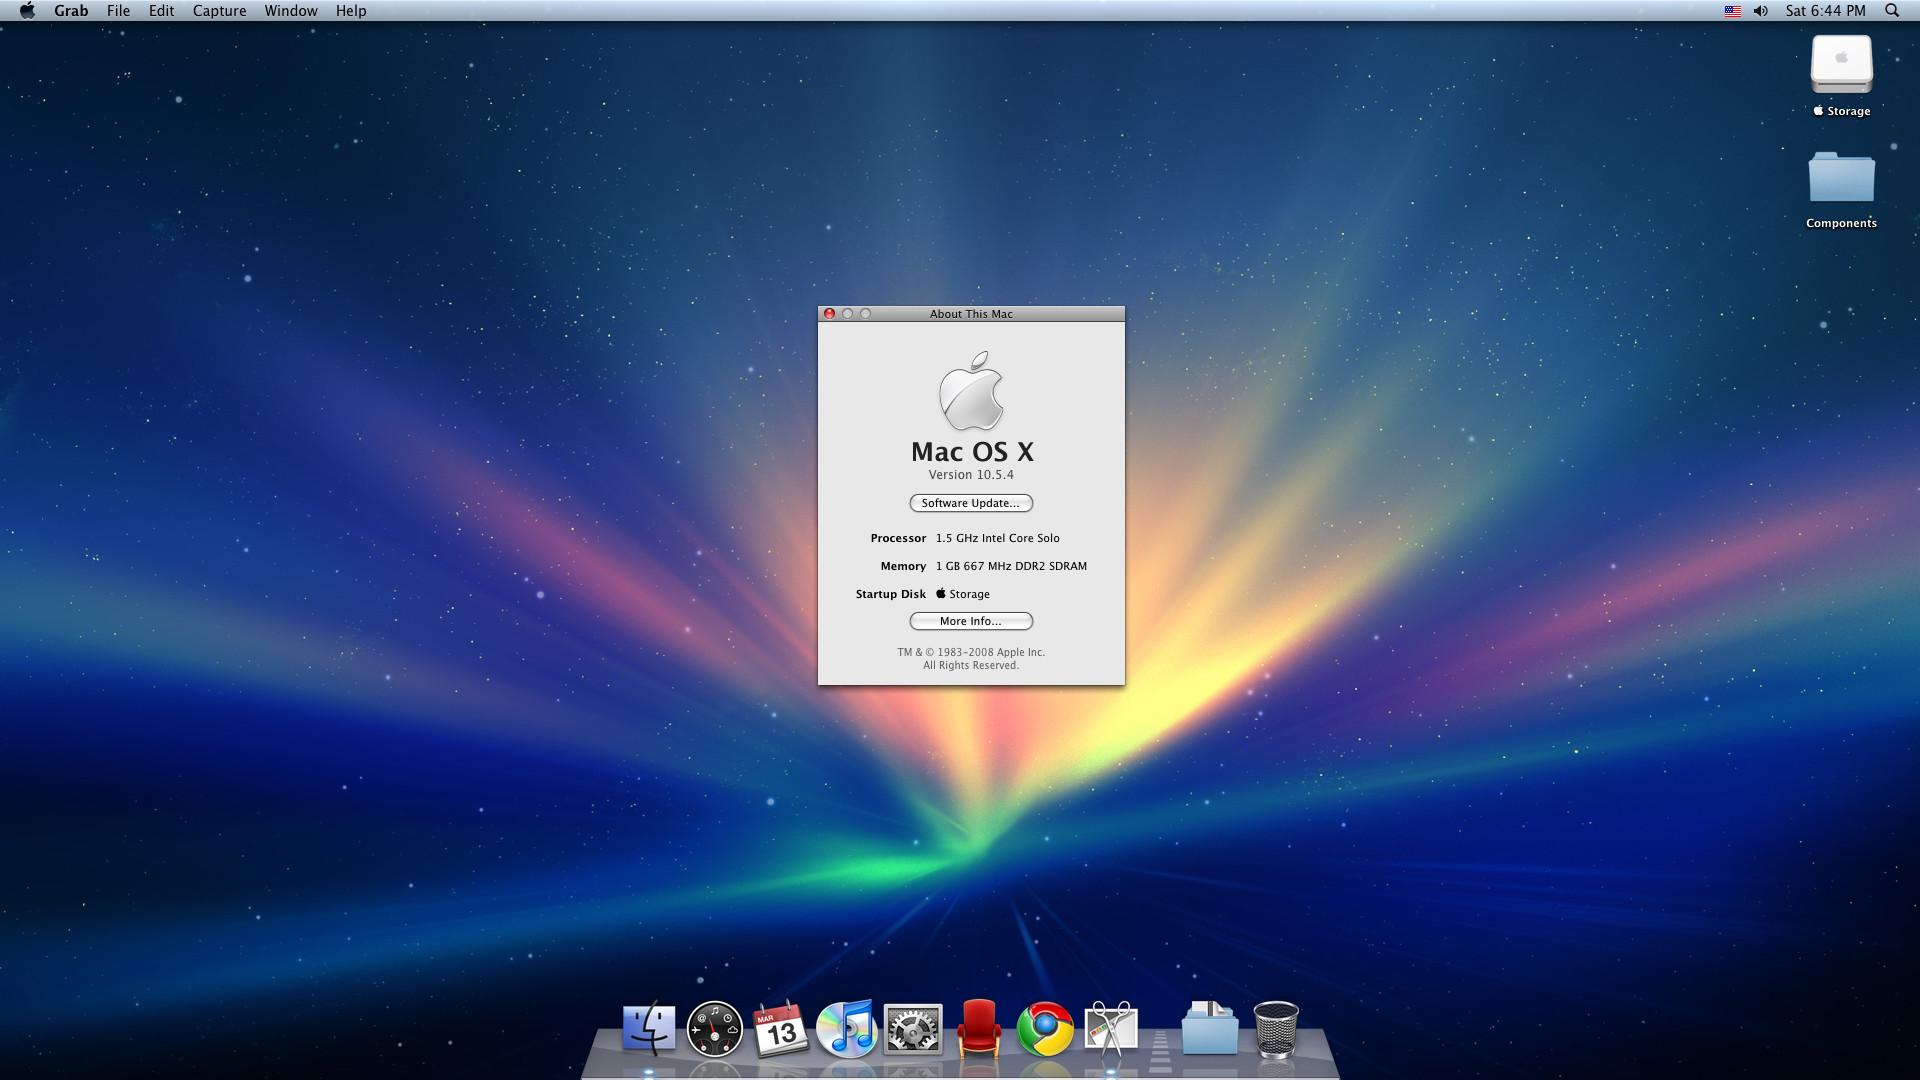 '10 mac mini desktop by fediaFedia